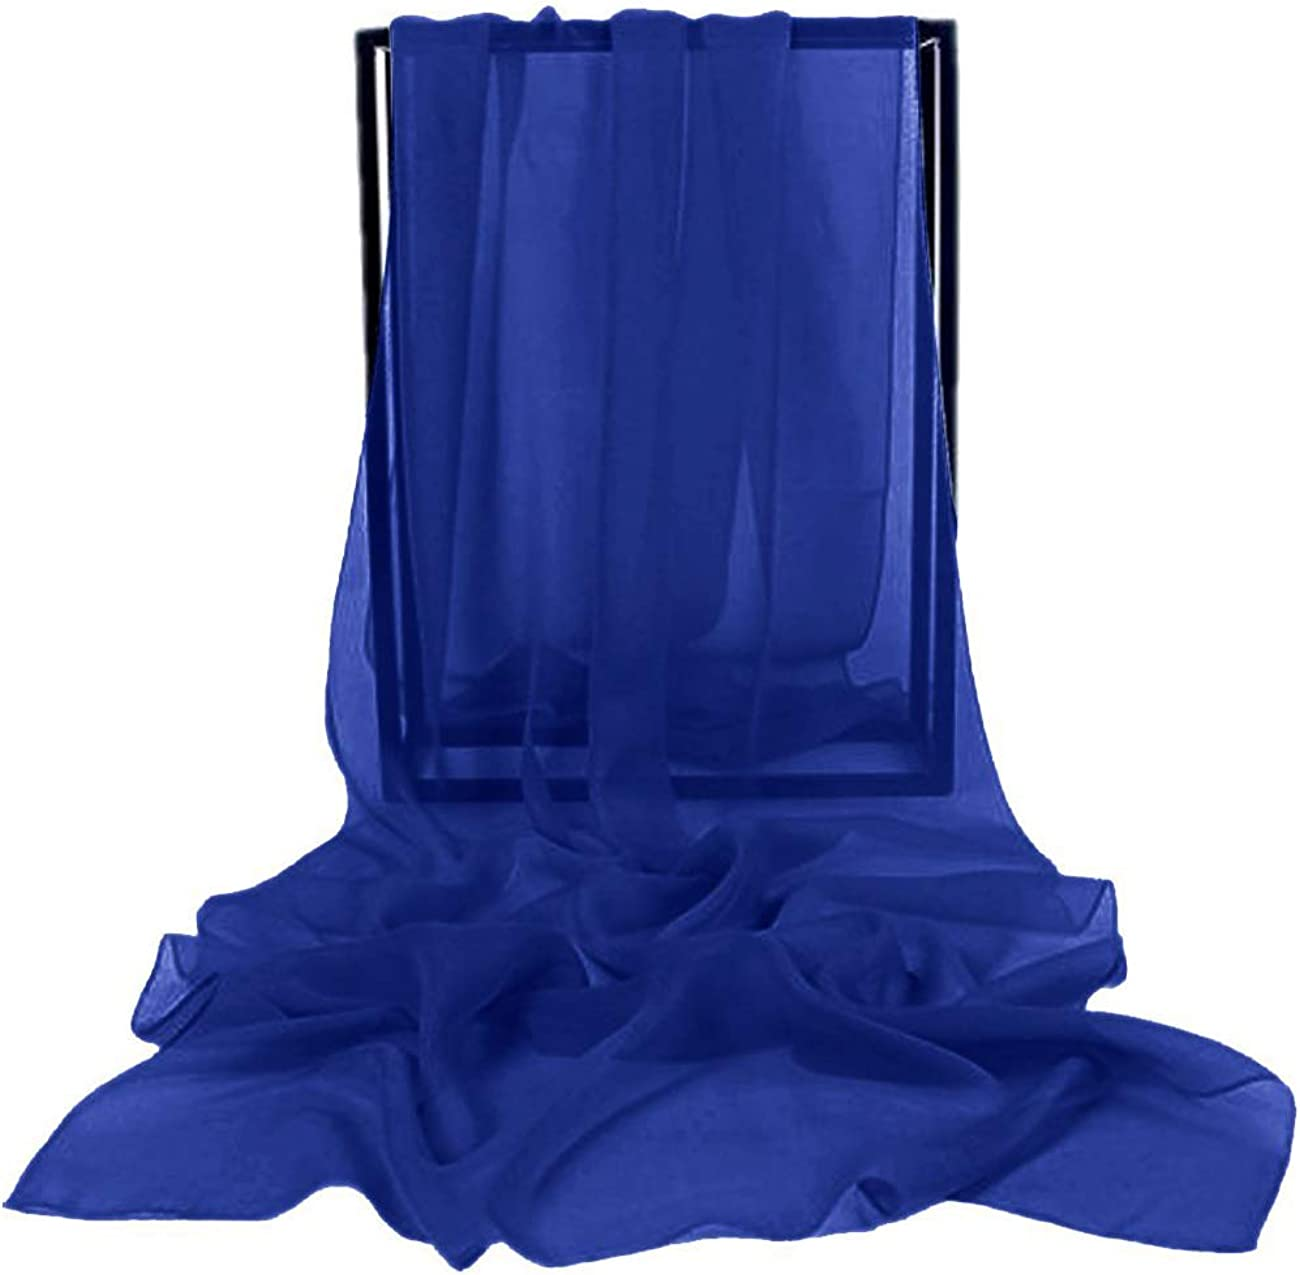 Bridesmay Femme /écharpe Ch/âle Foulard Etole Pashmina en Mousseline unicolore pour Robe de Soir/ée Mariage Mari/ée C/ér/émonie Cocktail Royal Blue M